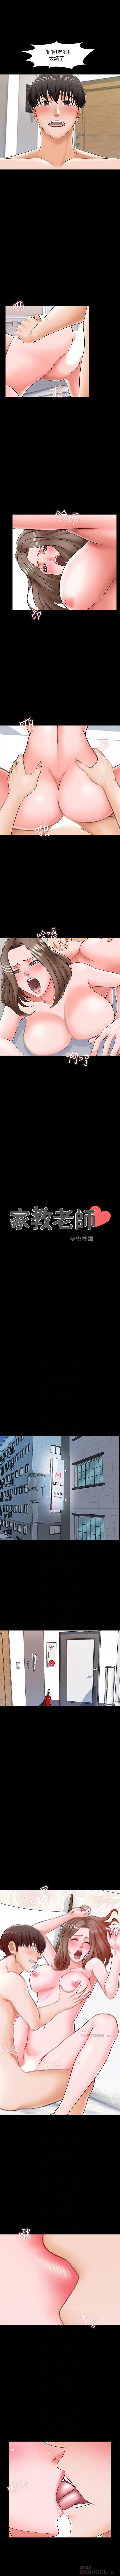 家教老師 1-42 官方中文(連載中) 134